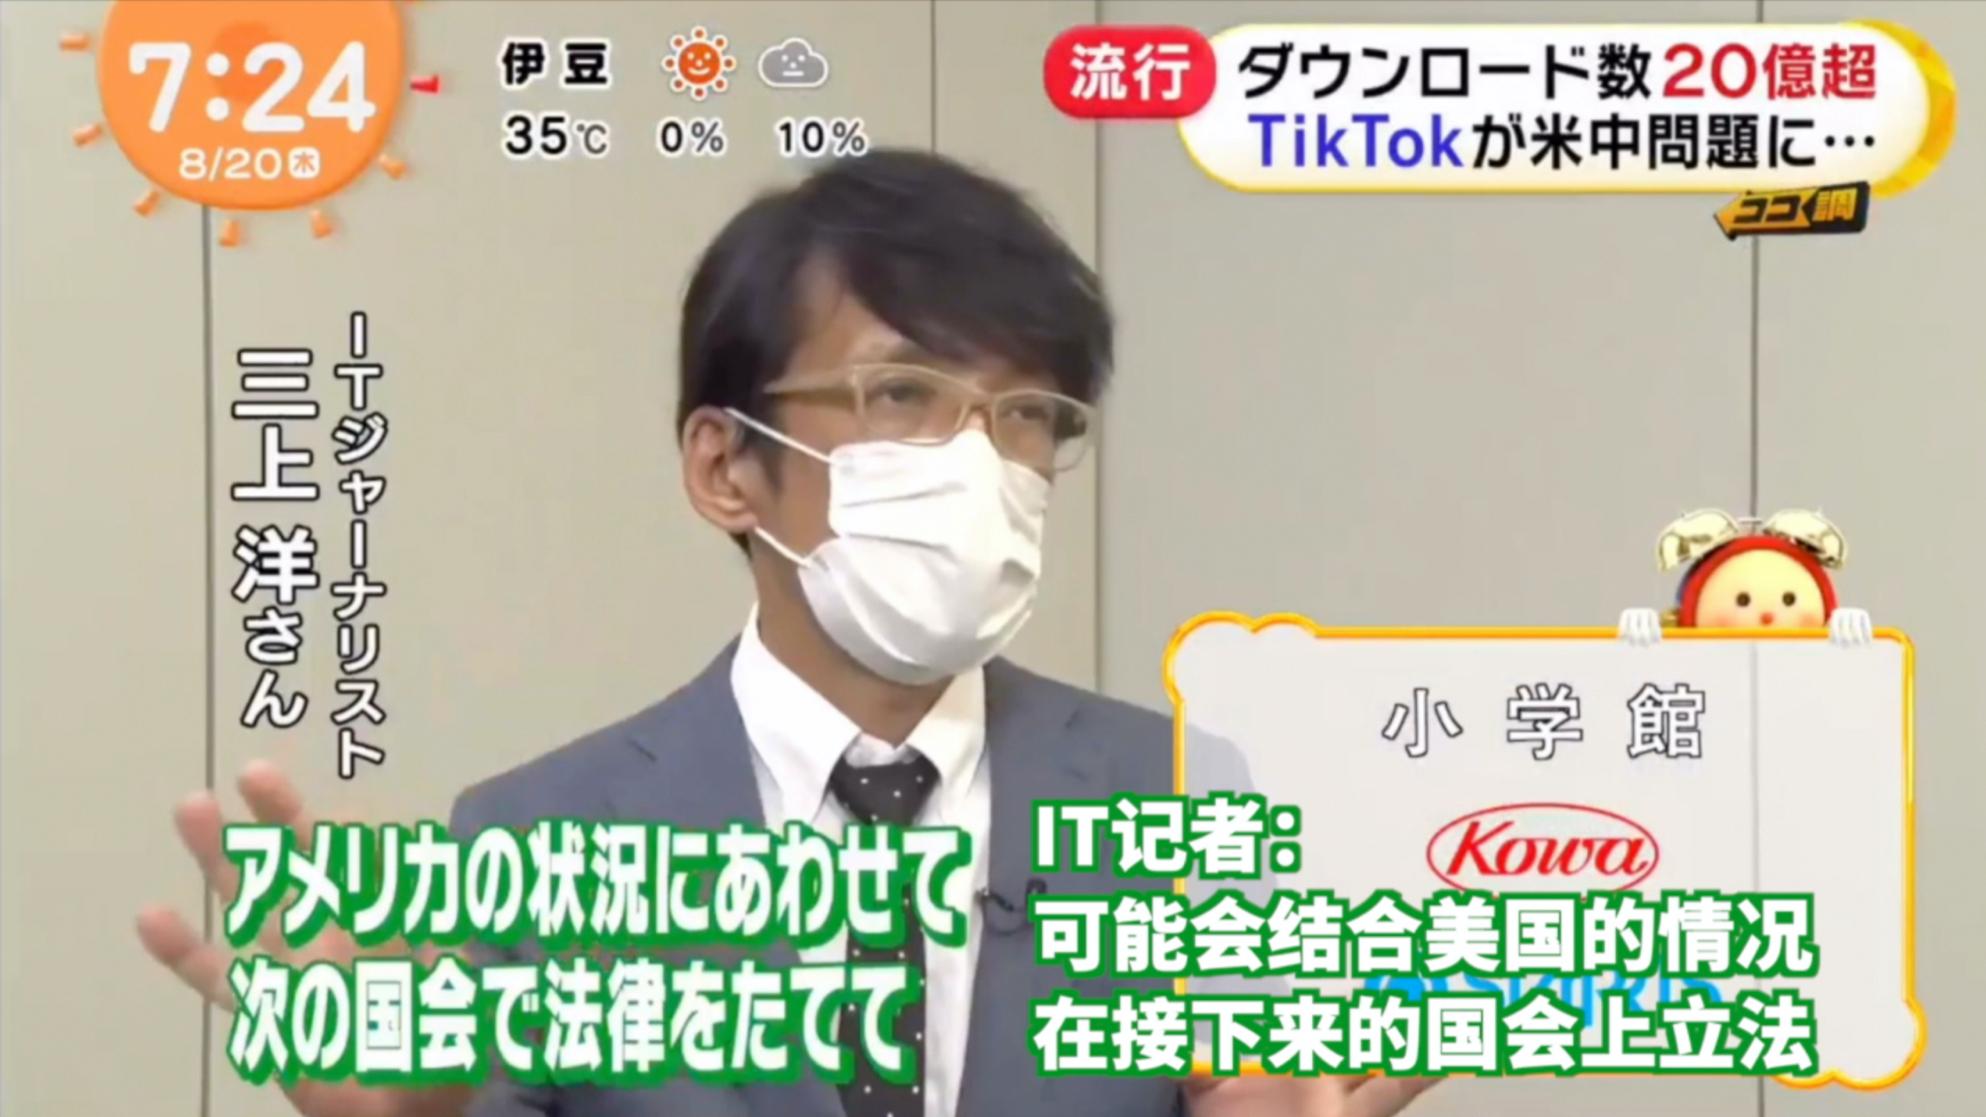 日本也要禁TikTok?日本年轻人:吃饭睡觉全部TikTok